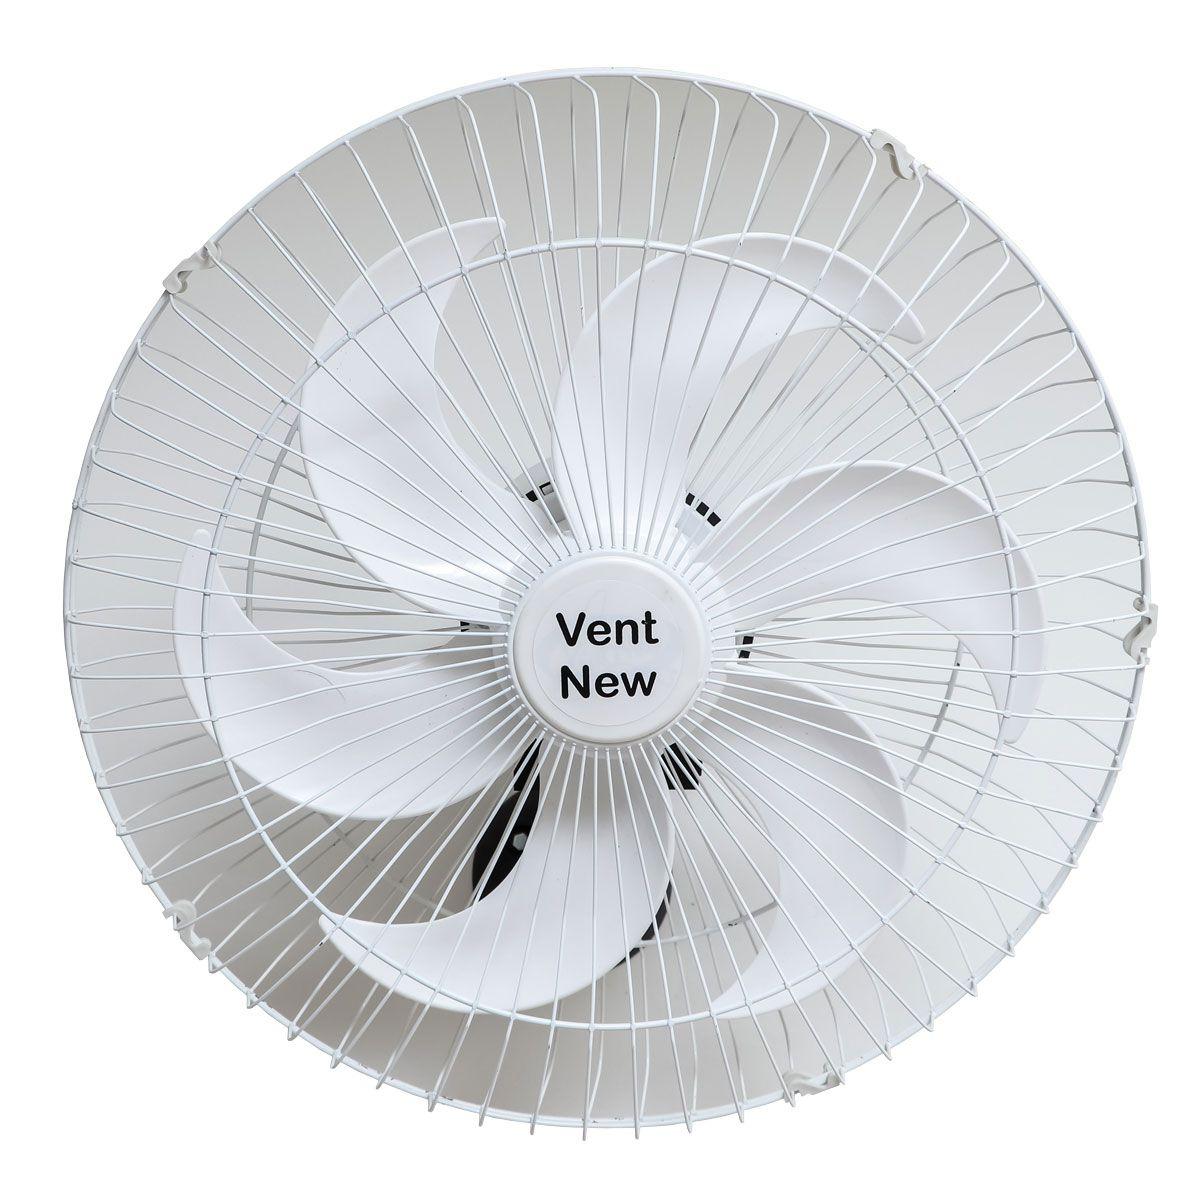 Kit 3 Ventiladores Parede Oscilante 50 Cm Branco / Branco Bivolt Grade Aço